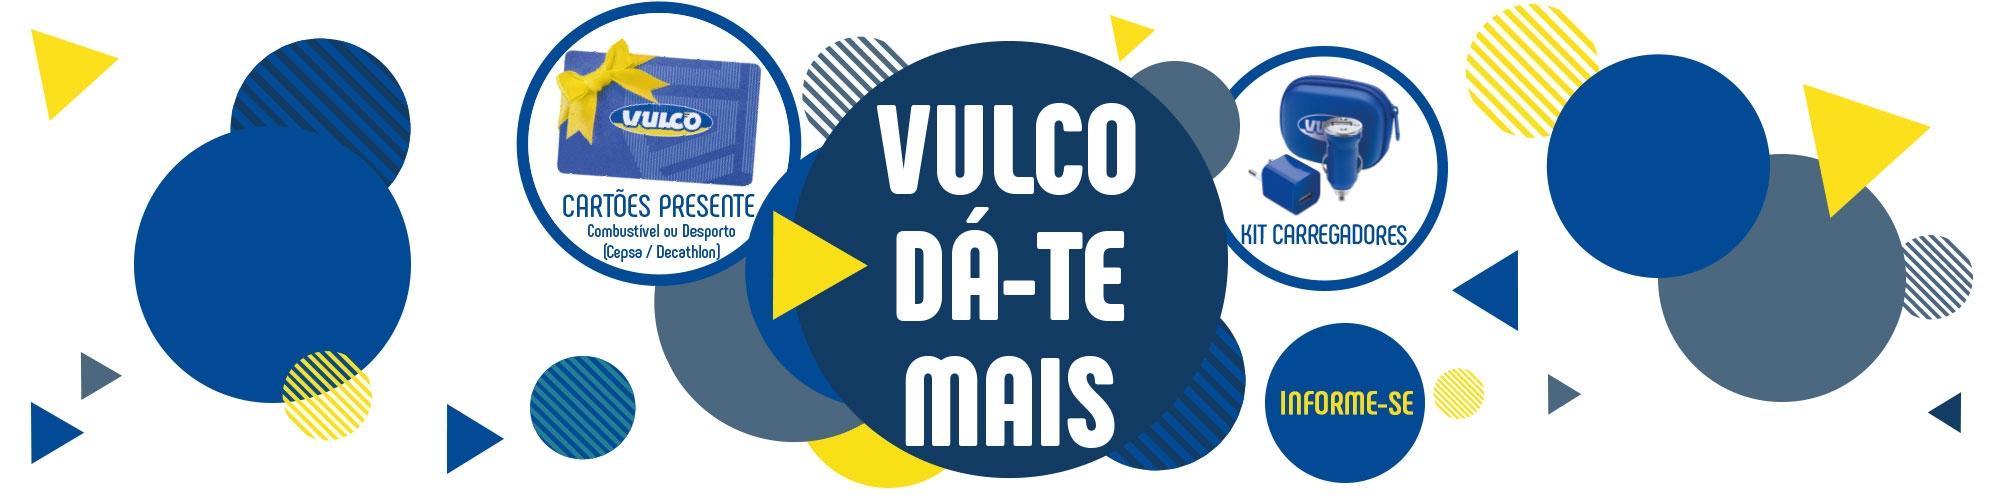 VULCO DATE MAIS